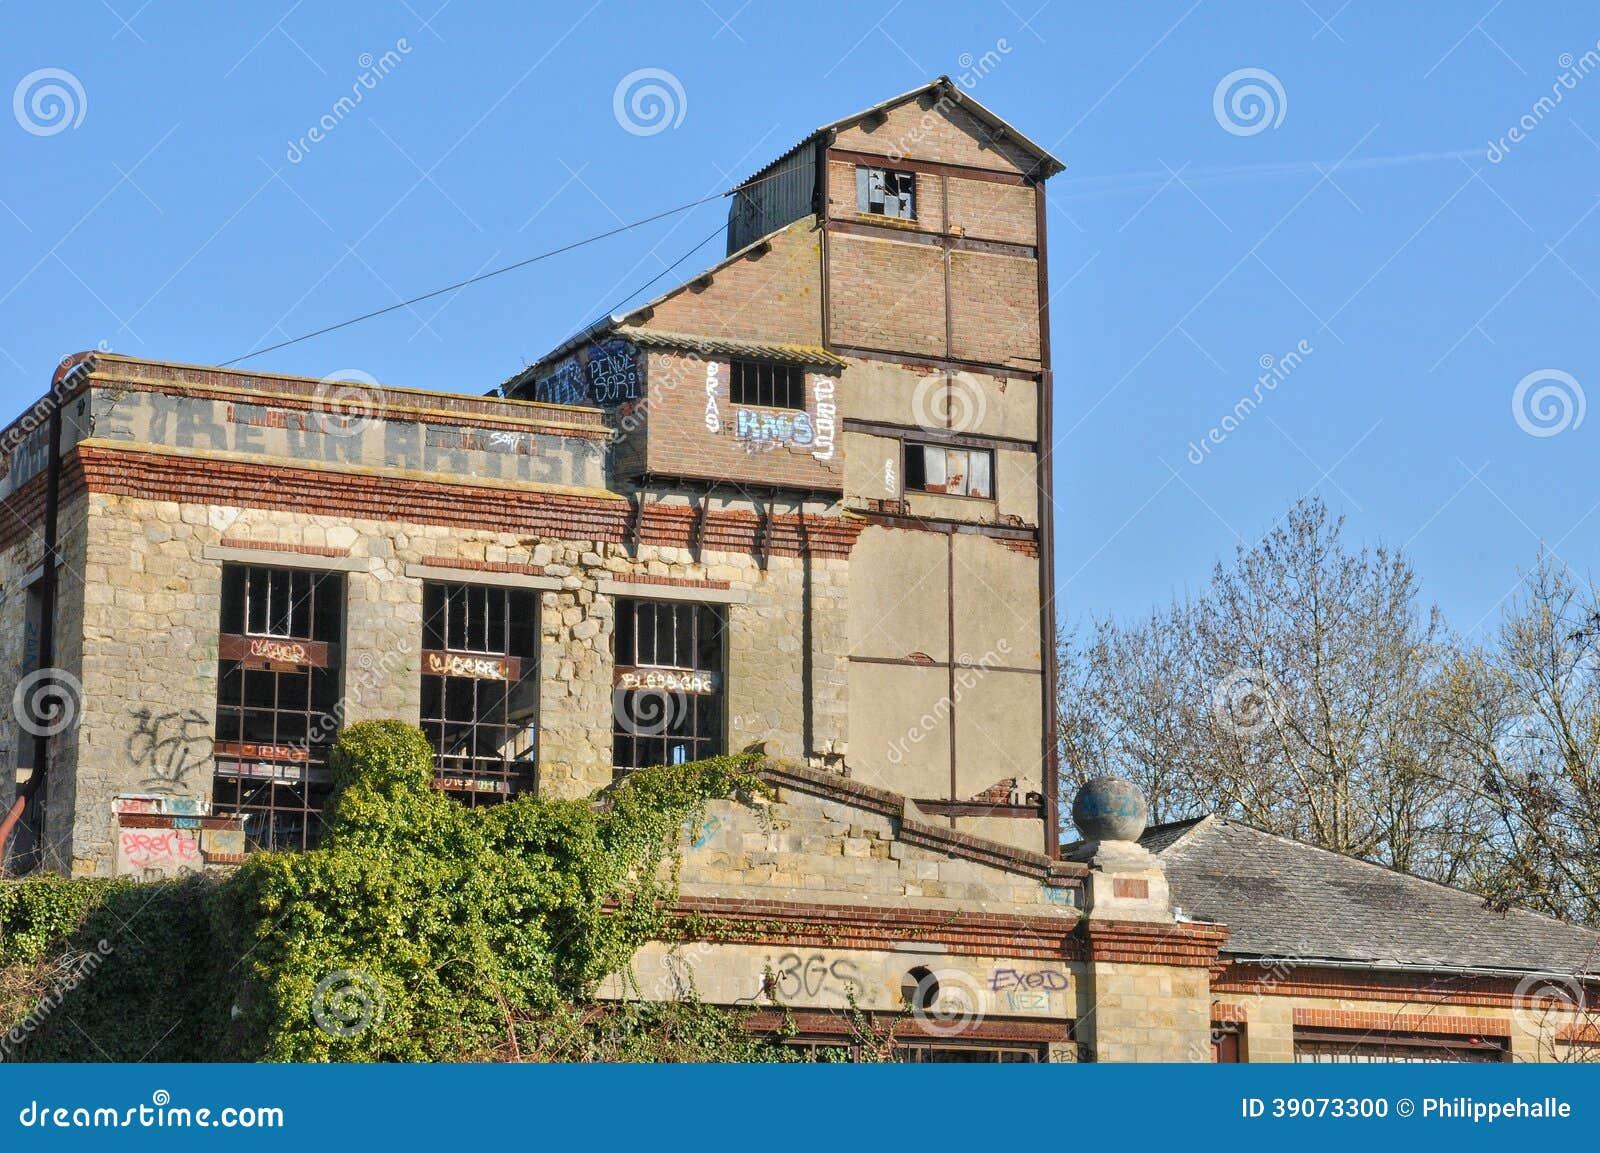 Frances le village de puiseux pontoise en val d l 39 oise image ditorial image 39073300 - Decorateur interieur val d oise ...